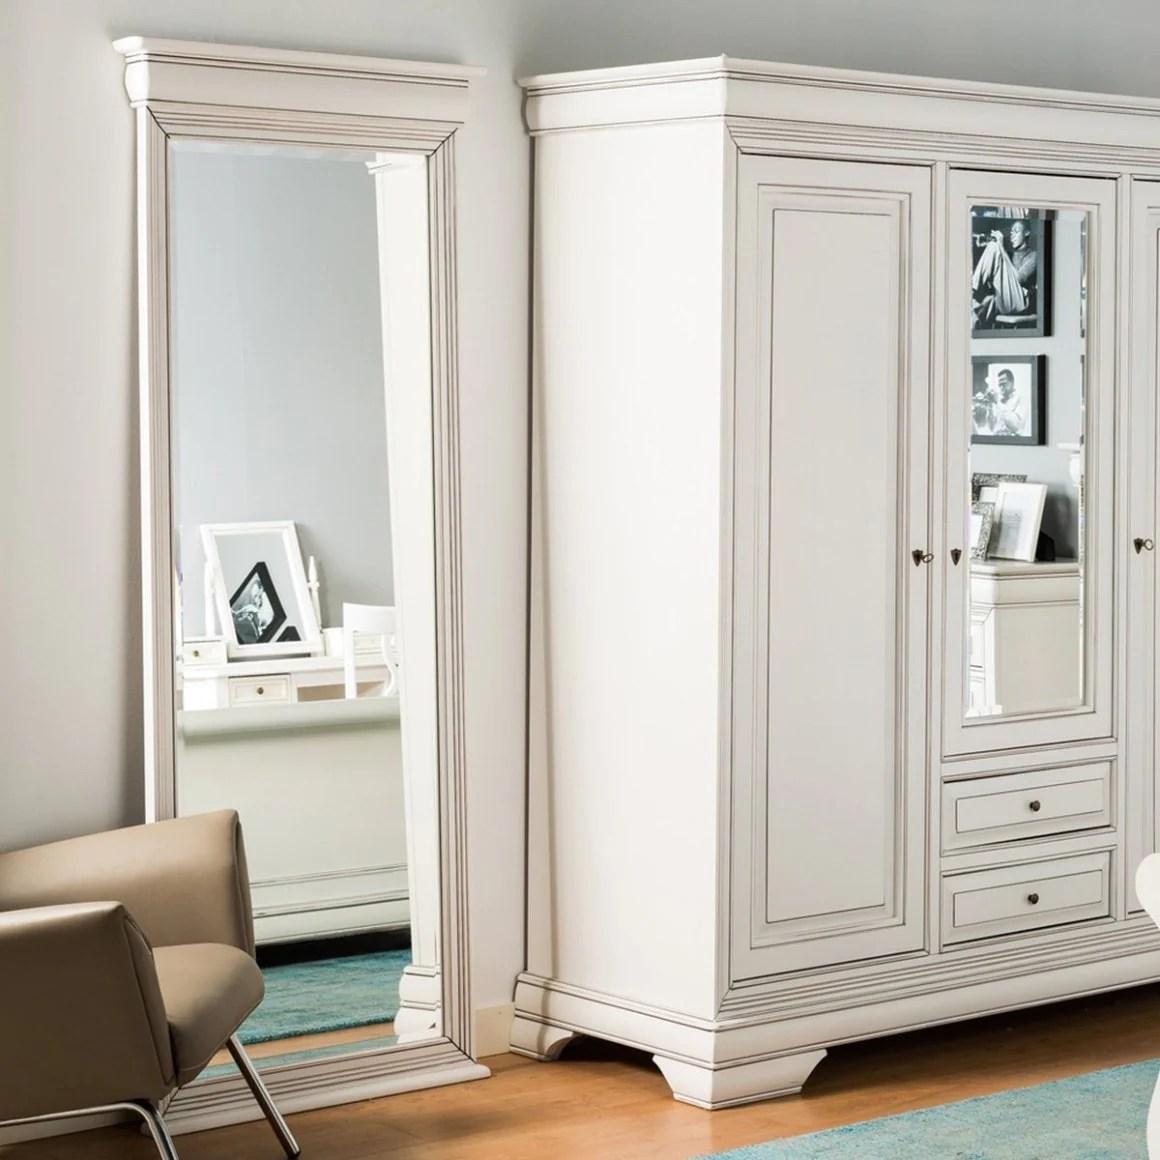 modele oglinda dormitor